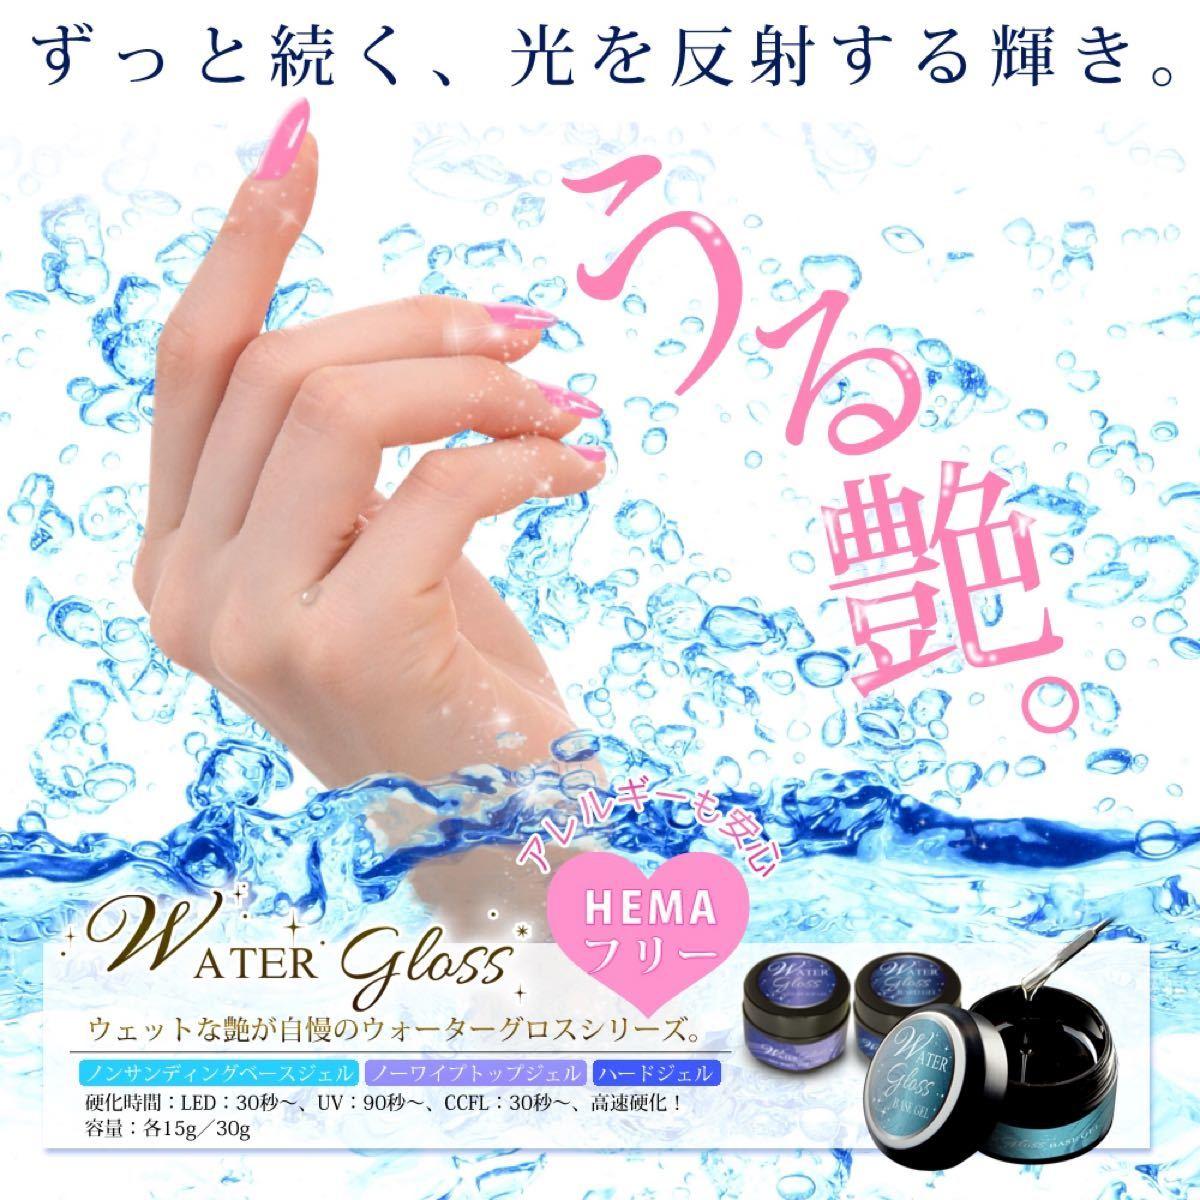 【ジェルネイル】ウォーターグロスジェル ハードジェル 30g